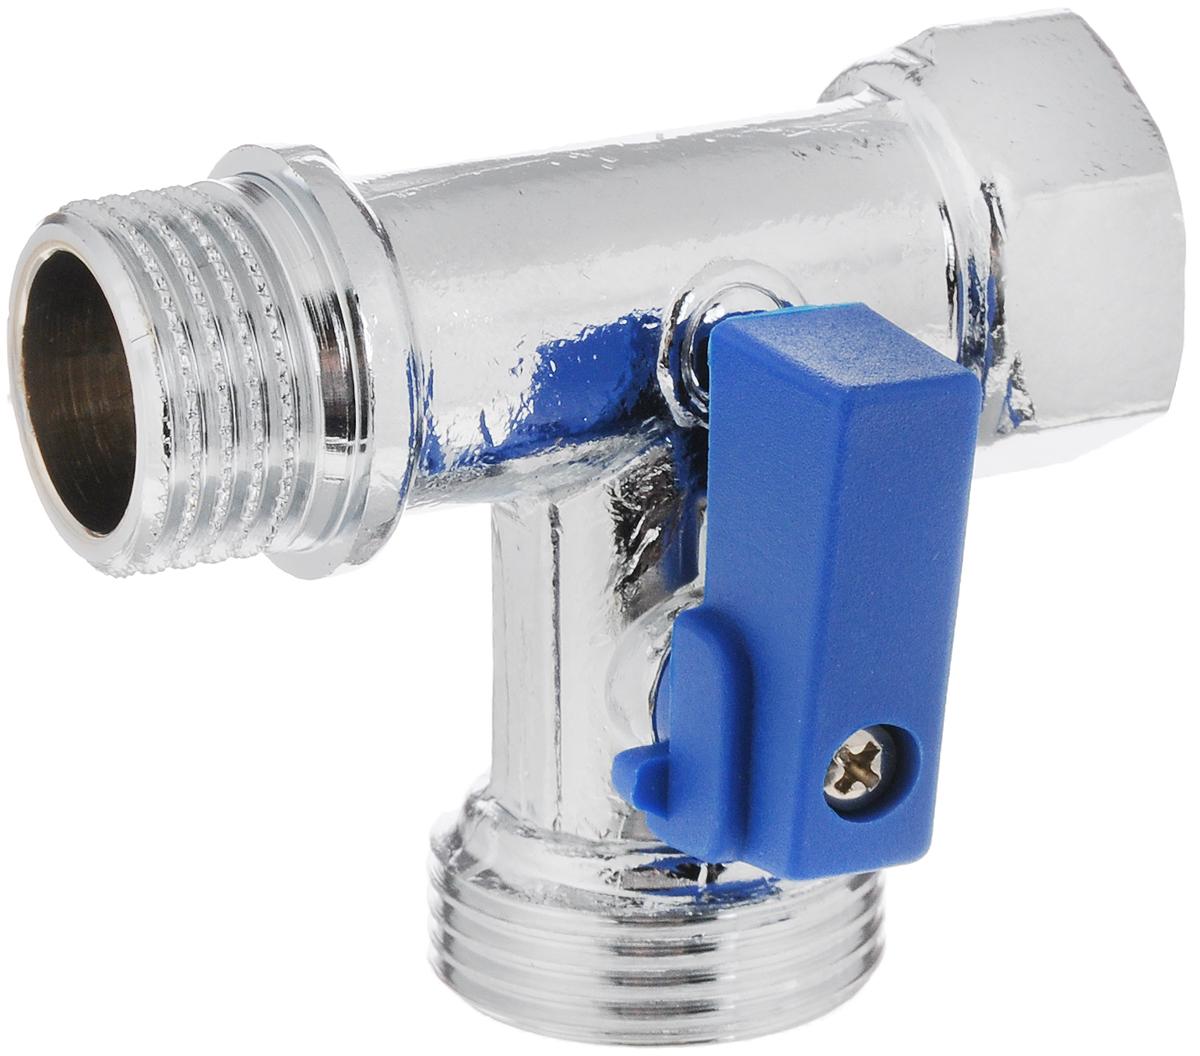 Кран шаровый Fornara, трехпроходной, г - ш - ш, 1/2 x 3/4 х 1/2124D-E-CTBOШаровый трехпроходной кран Fornara предназначен для подключения стиральных и посудомоечных машин, без изменения существующей разводки водоснабжения. Может устанавливаться, например, на отводе для наполнения унитаза, или на отводе воды для кухонного смесителя, где благодаря данному крану появляется дополнительный, перекрываемый отвод для подключения стиральной или посудомоечной машины.